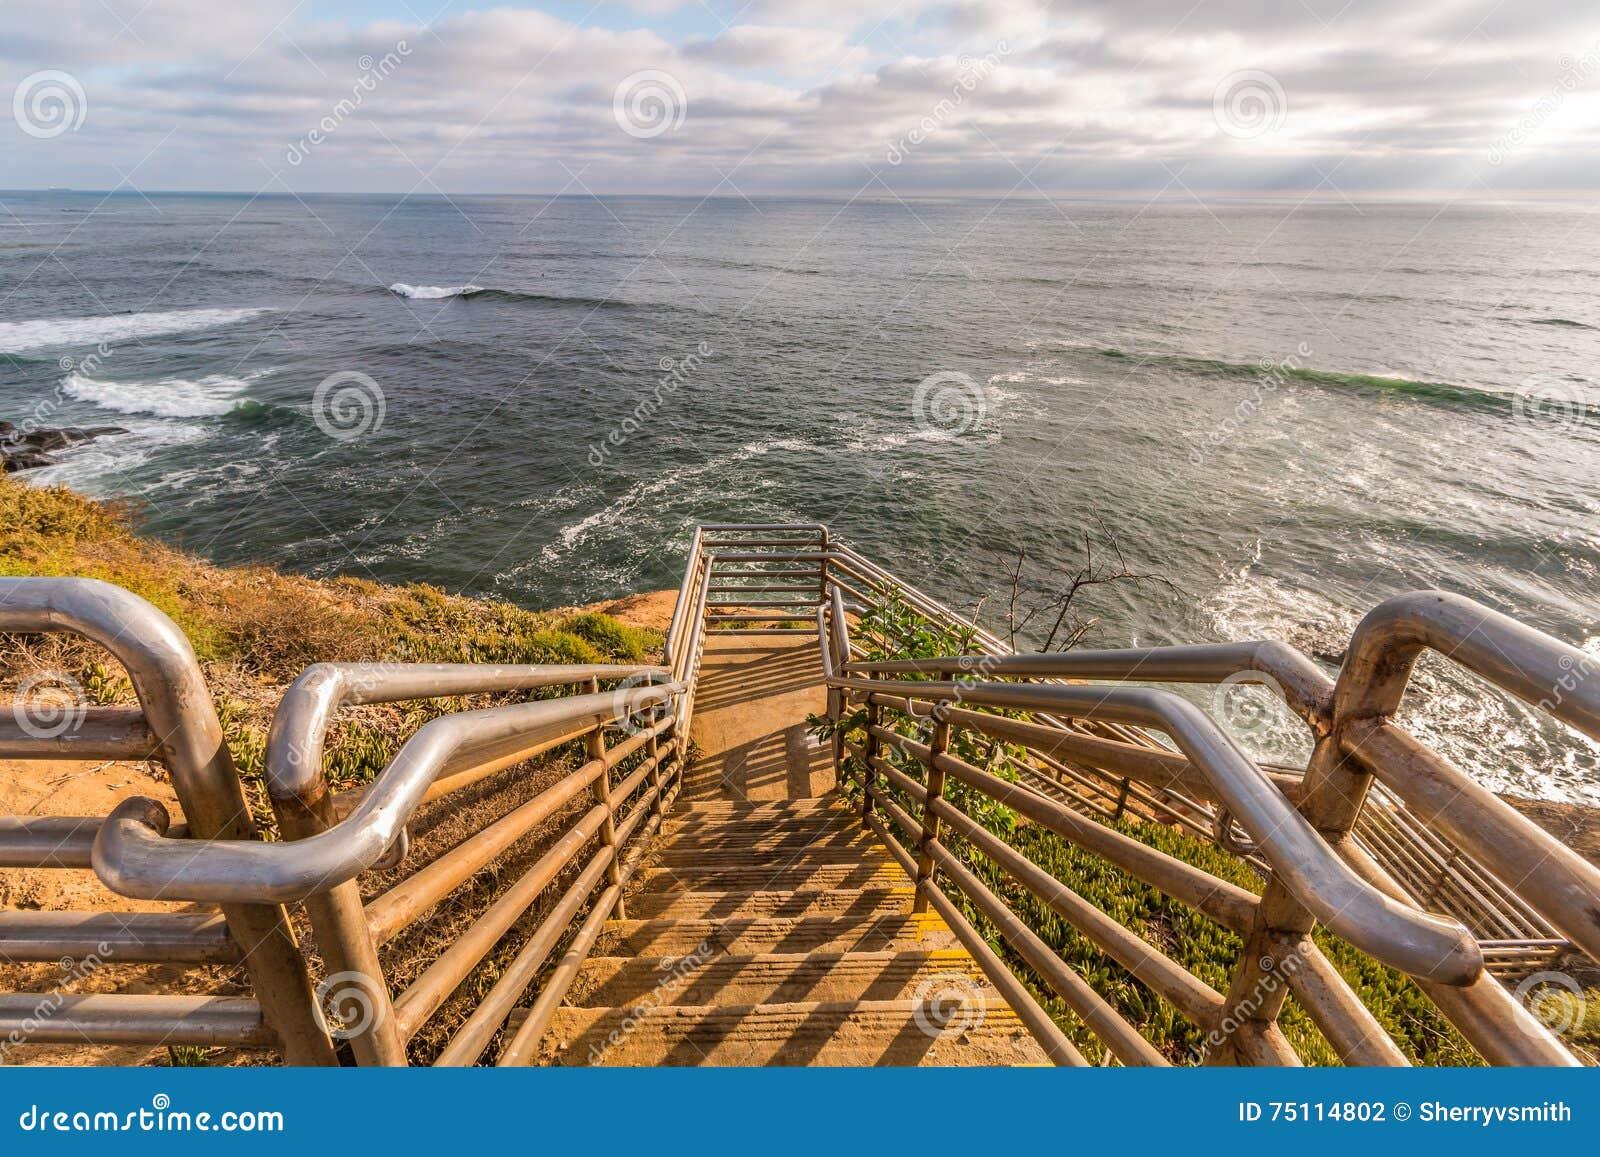 Ladera Street Ladder Overlooking Ocean at Sunset Cliffs